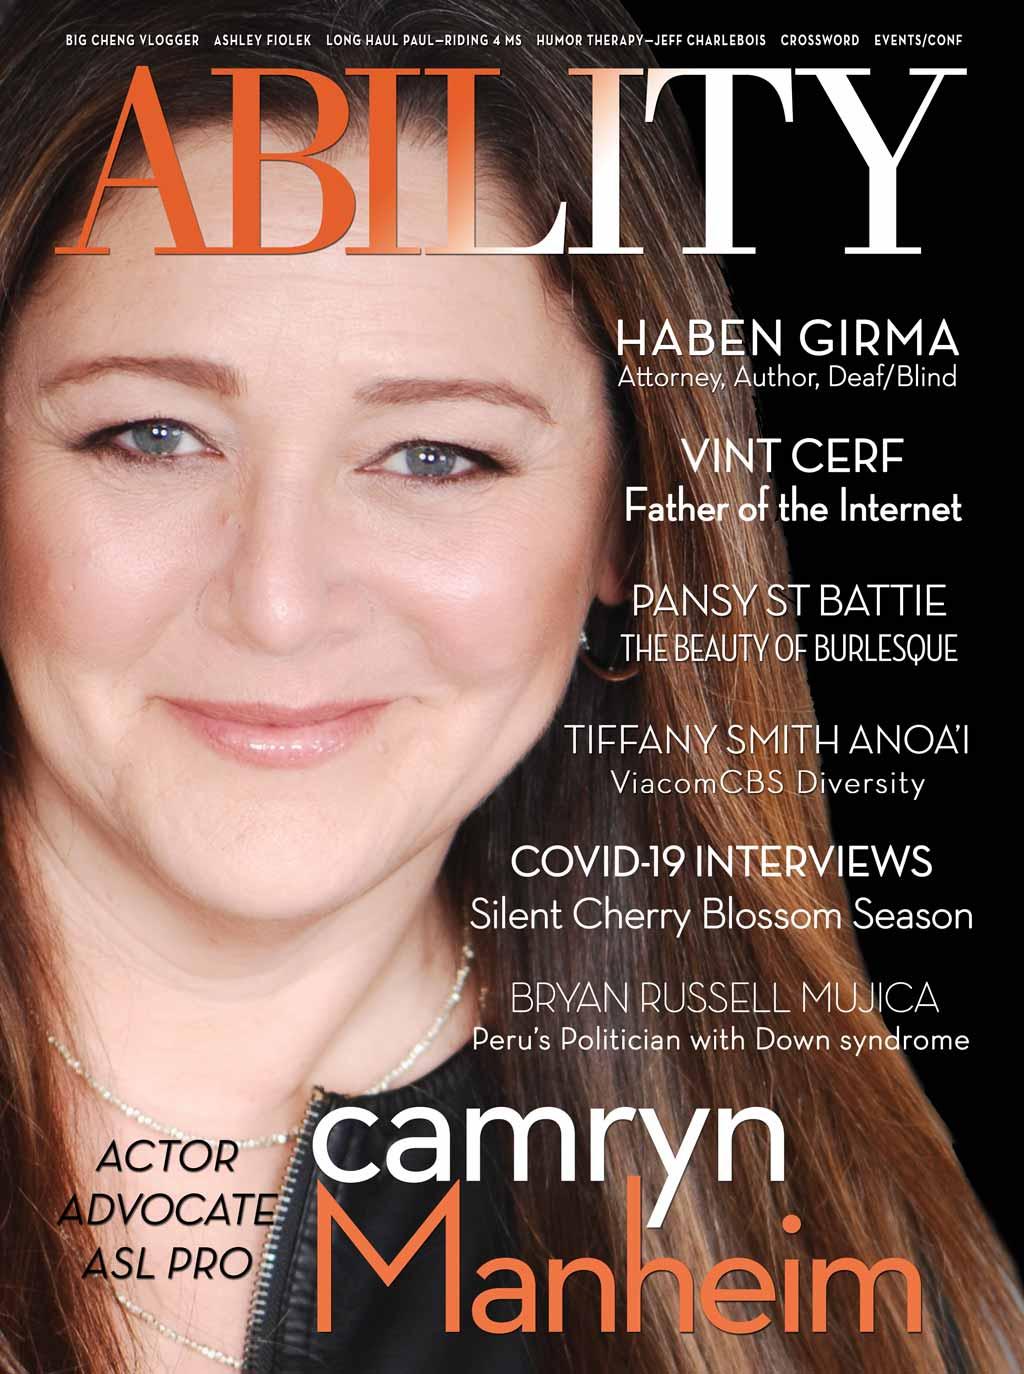 ABILITY Magazine Camryn Manheim cover Apr/May 2020